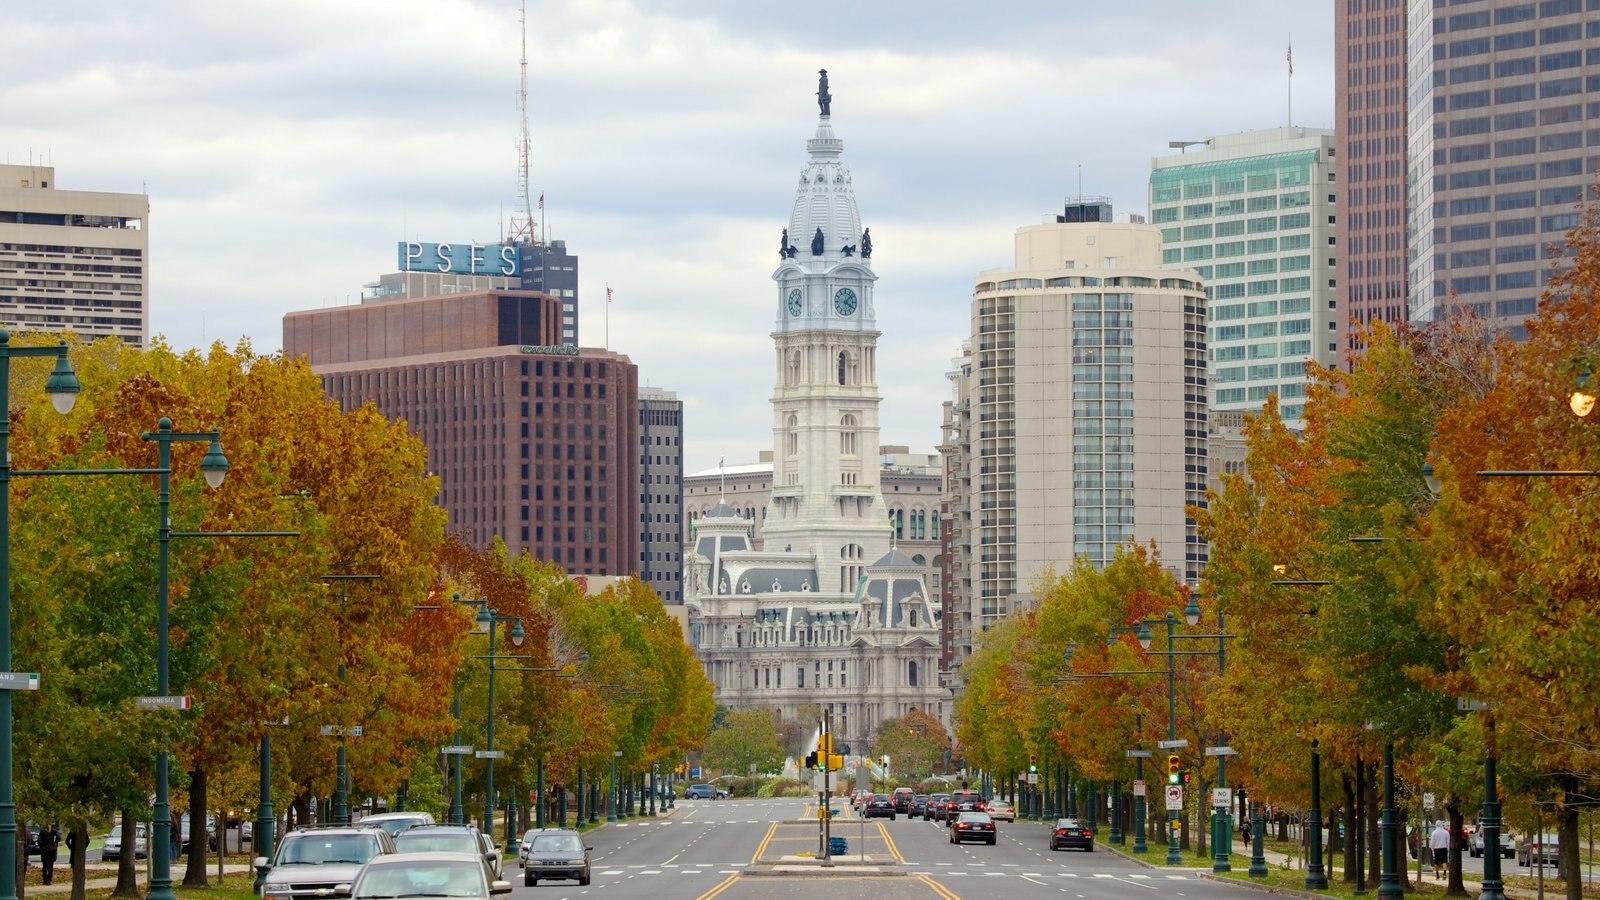 Filadélfia que inclui cenas de rua, folhas de outono e uma cidade